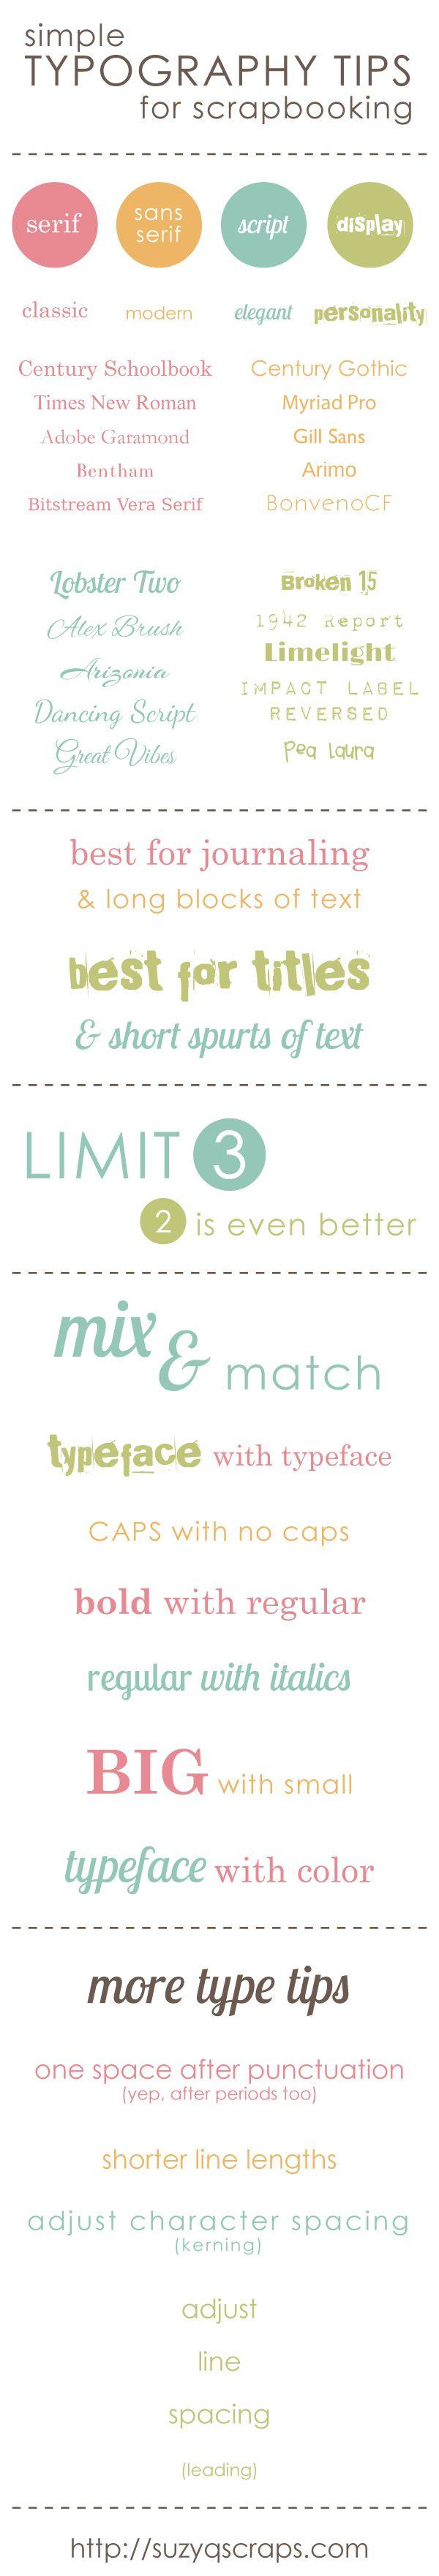 scrapbooking typography tips